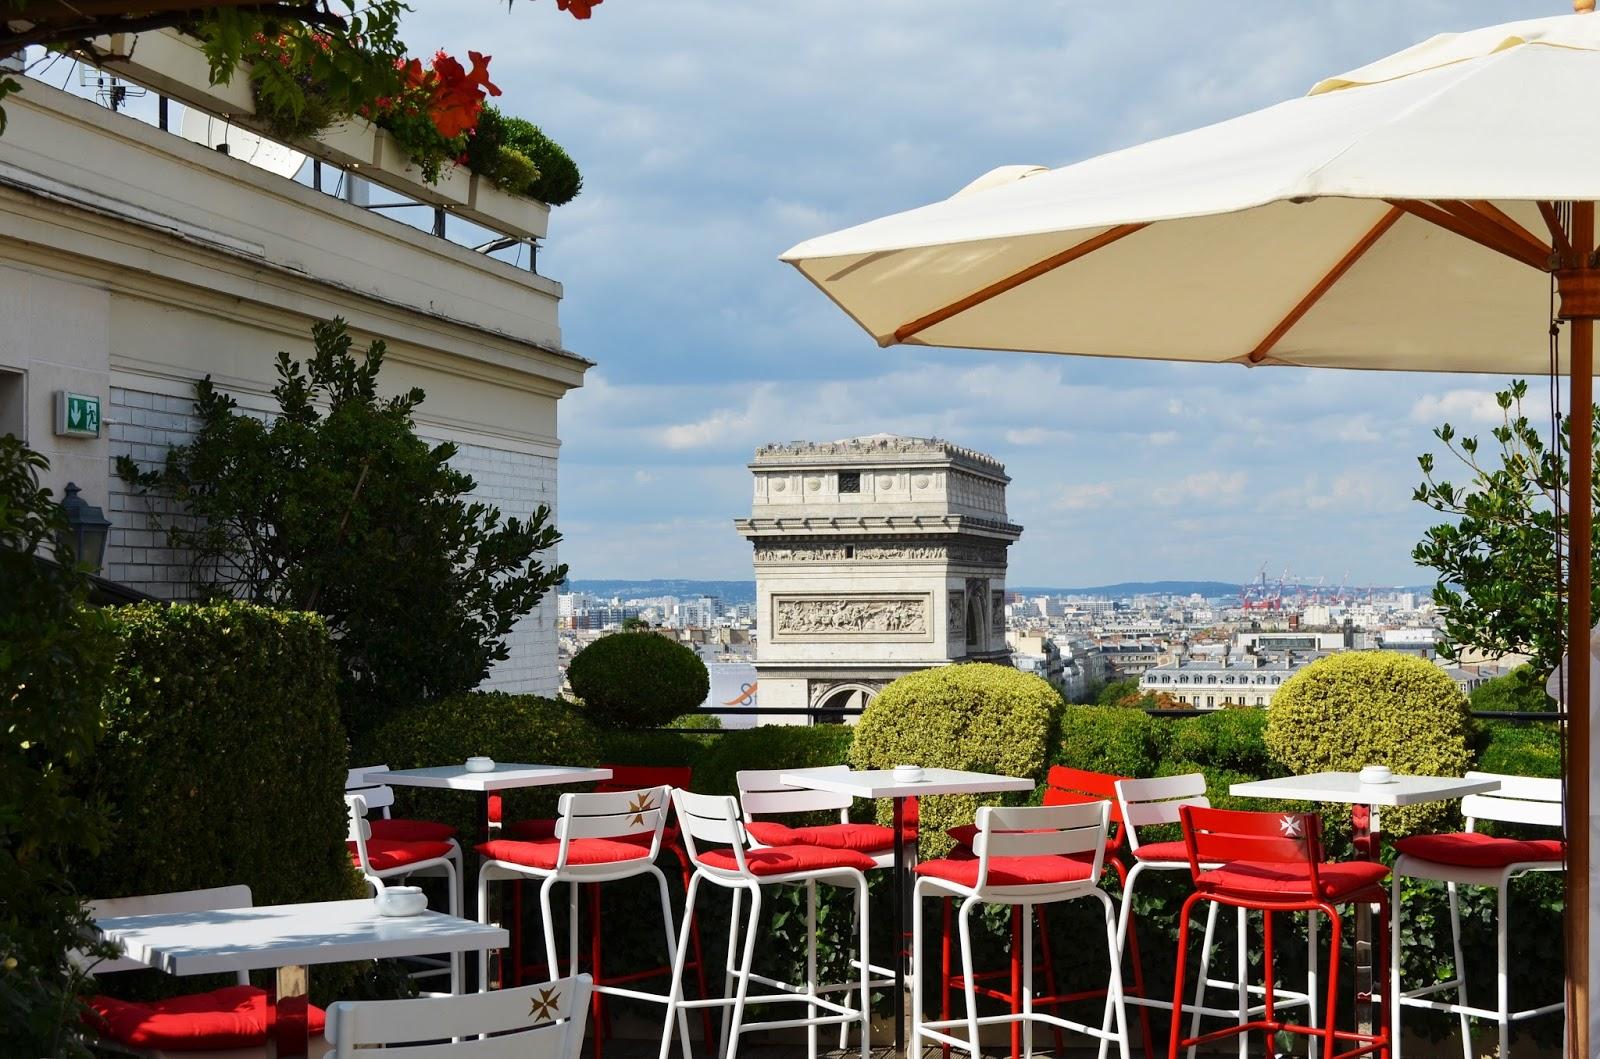 Les plus belles terrasses estivales de paris parisian touch - Les plus belles terrasses de maison ...